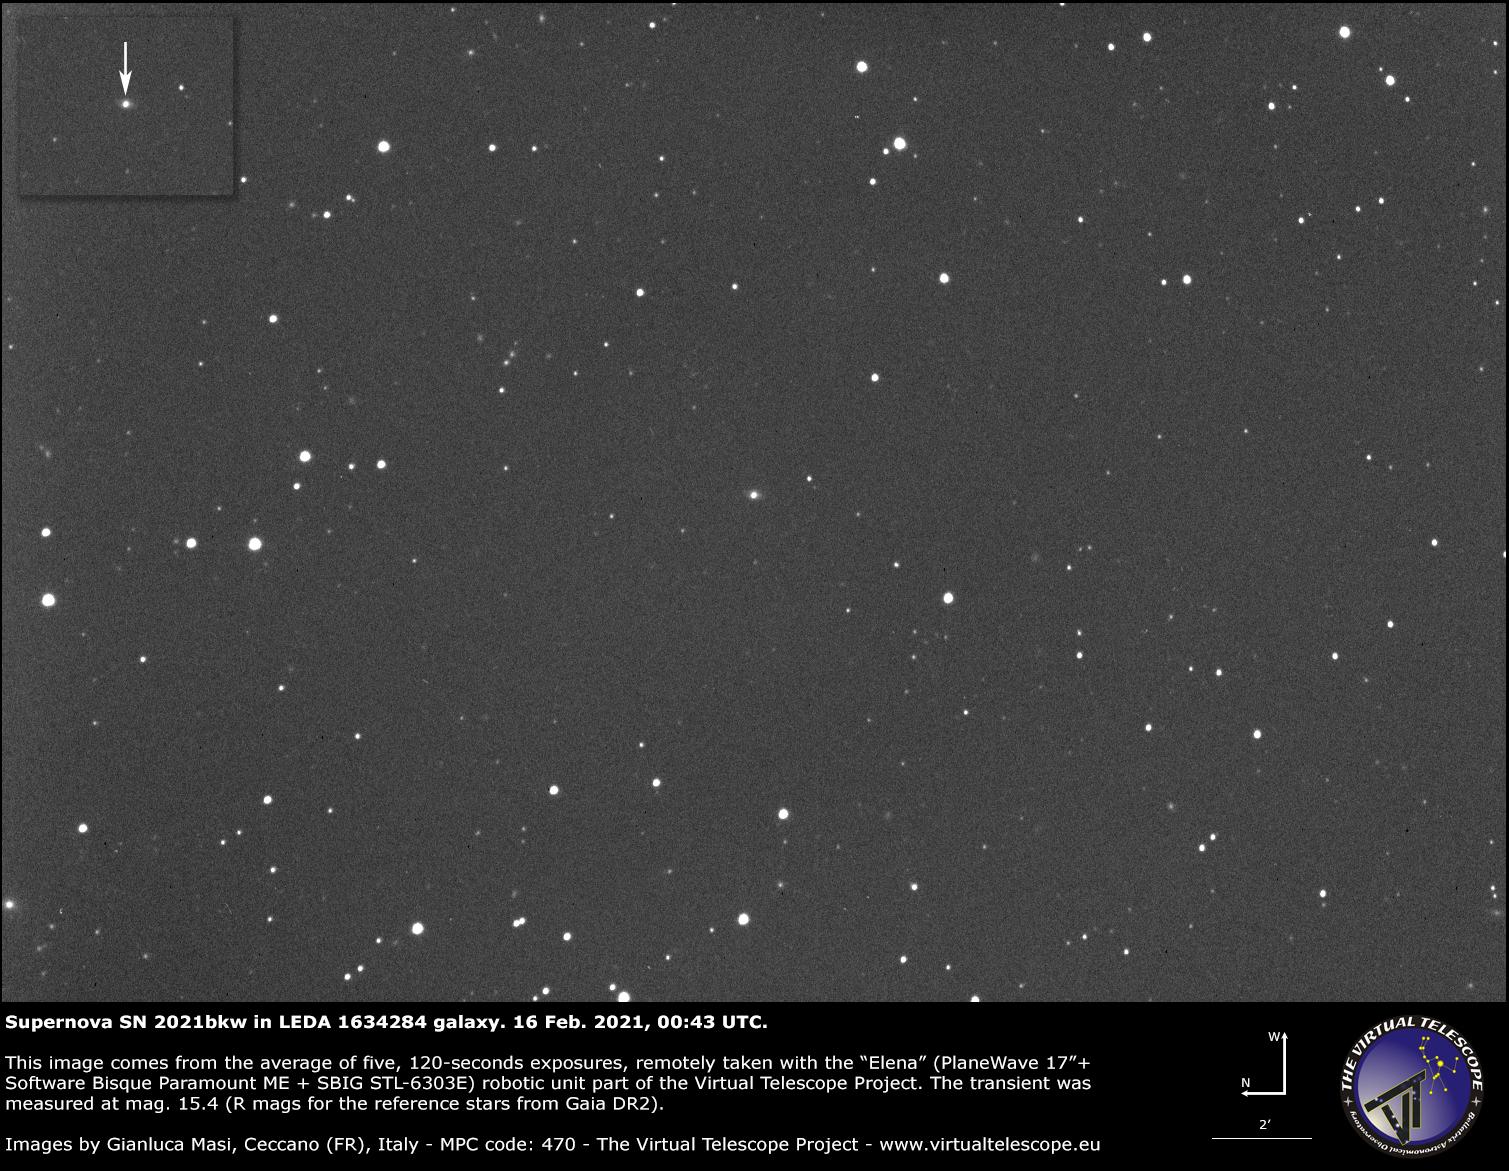 Supernova SN 2021bkw in LEDA 1634284 galaxy: 16 Feb. 2021.